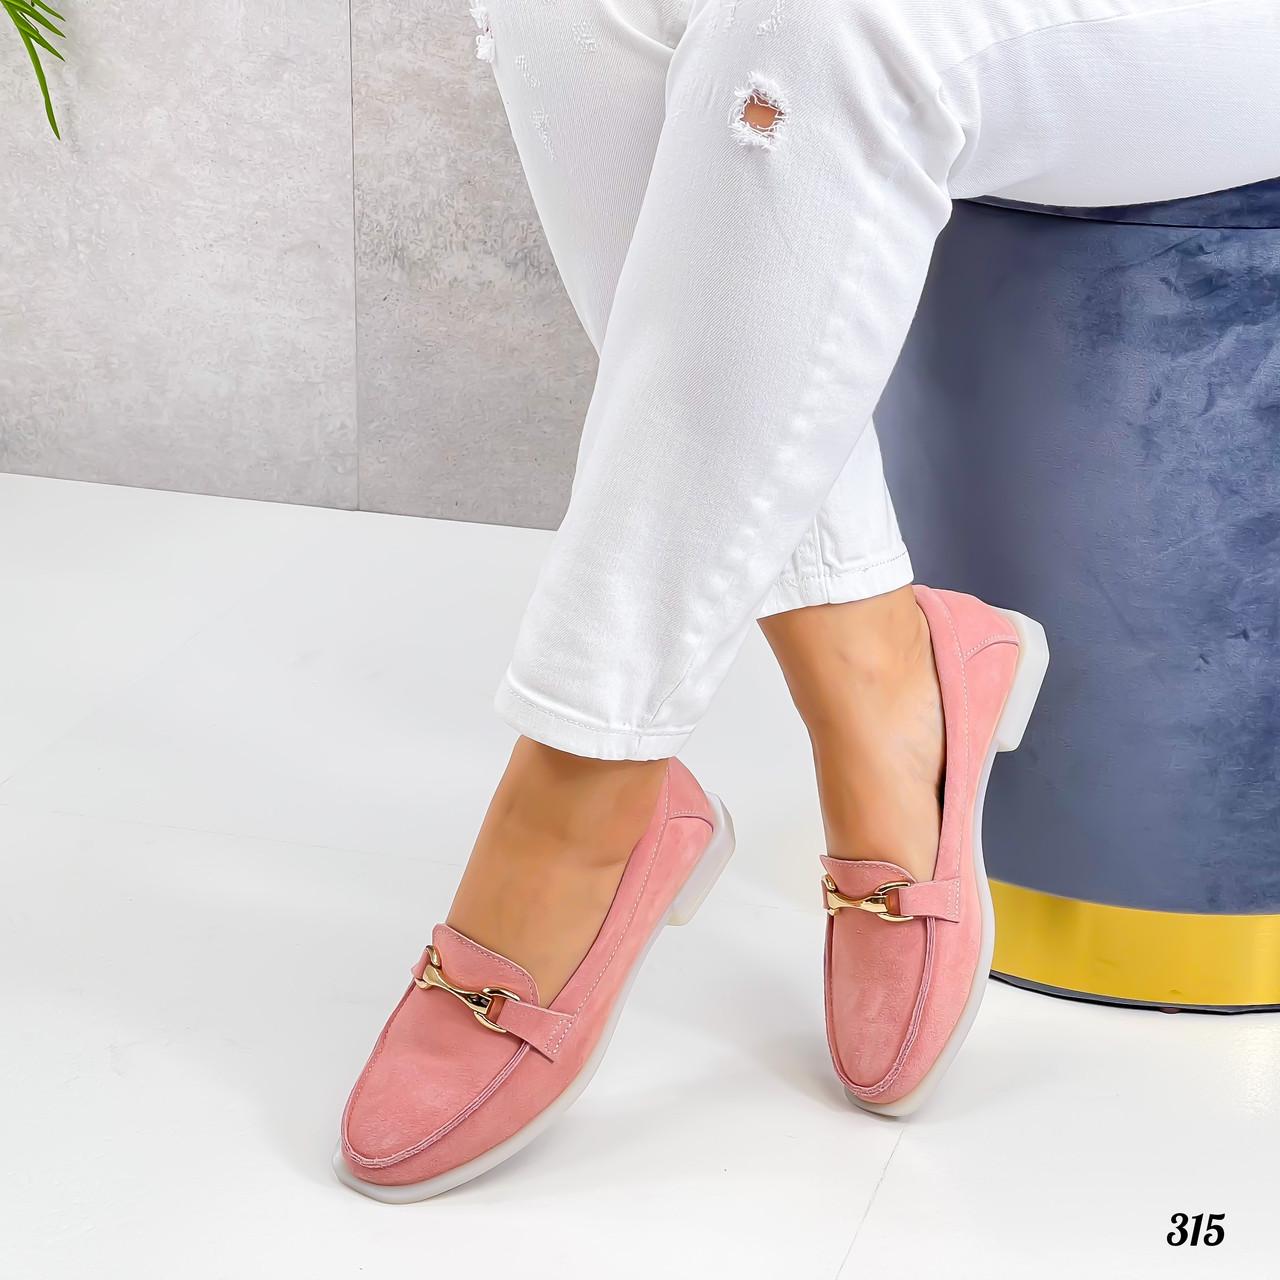 Стильные женские туфли - лоферы розовые / пудра натуральная замша